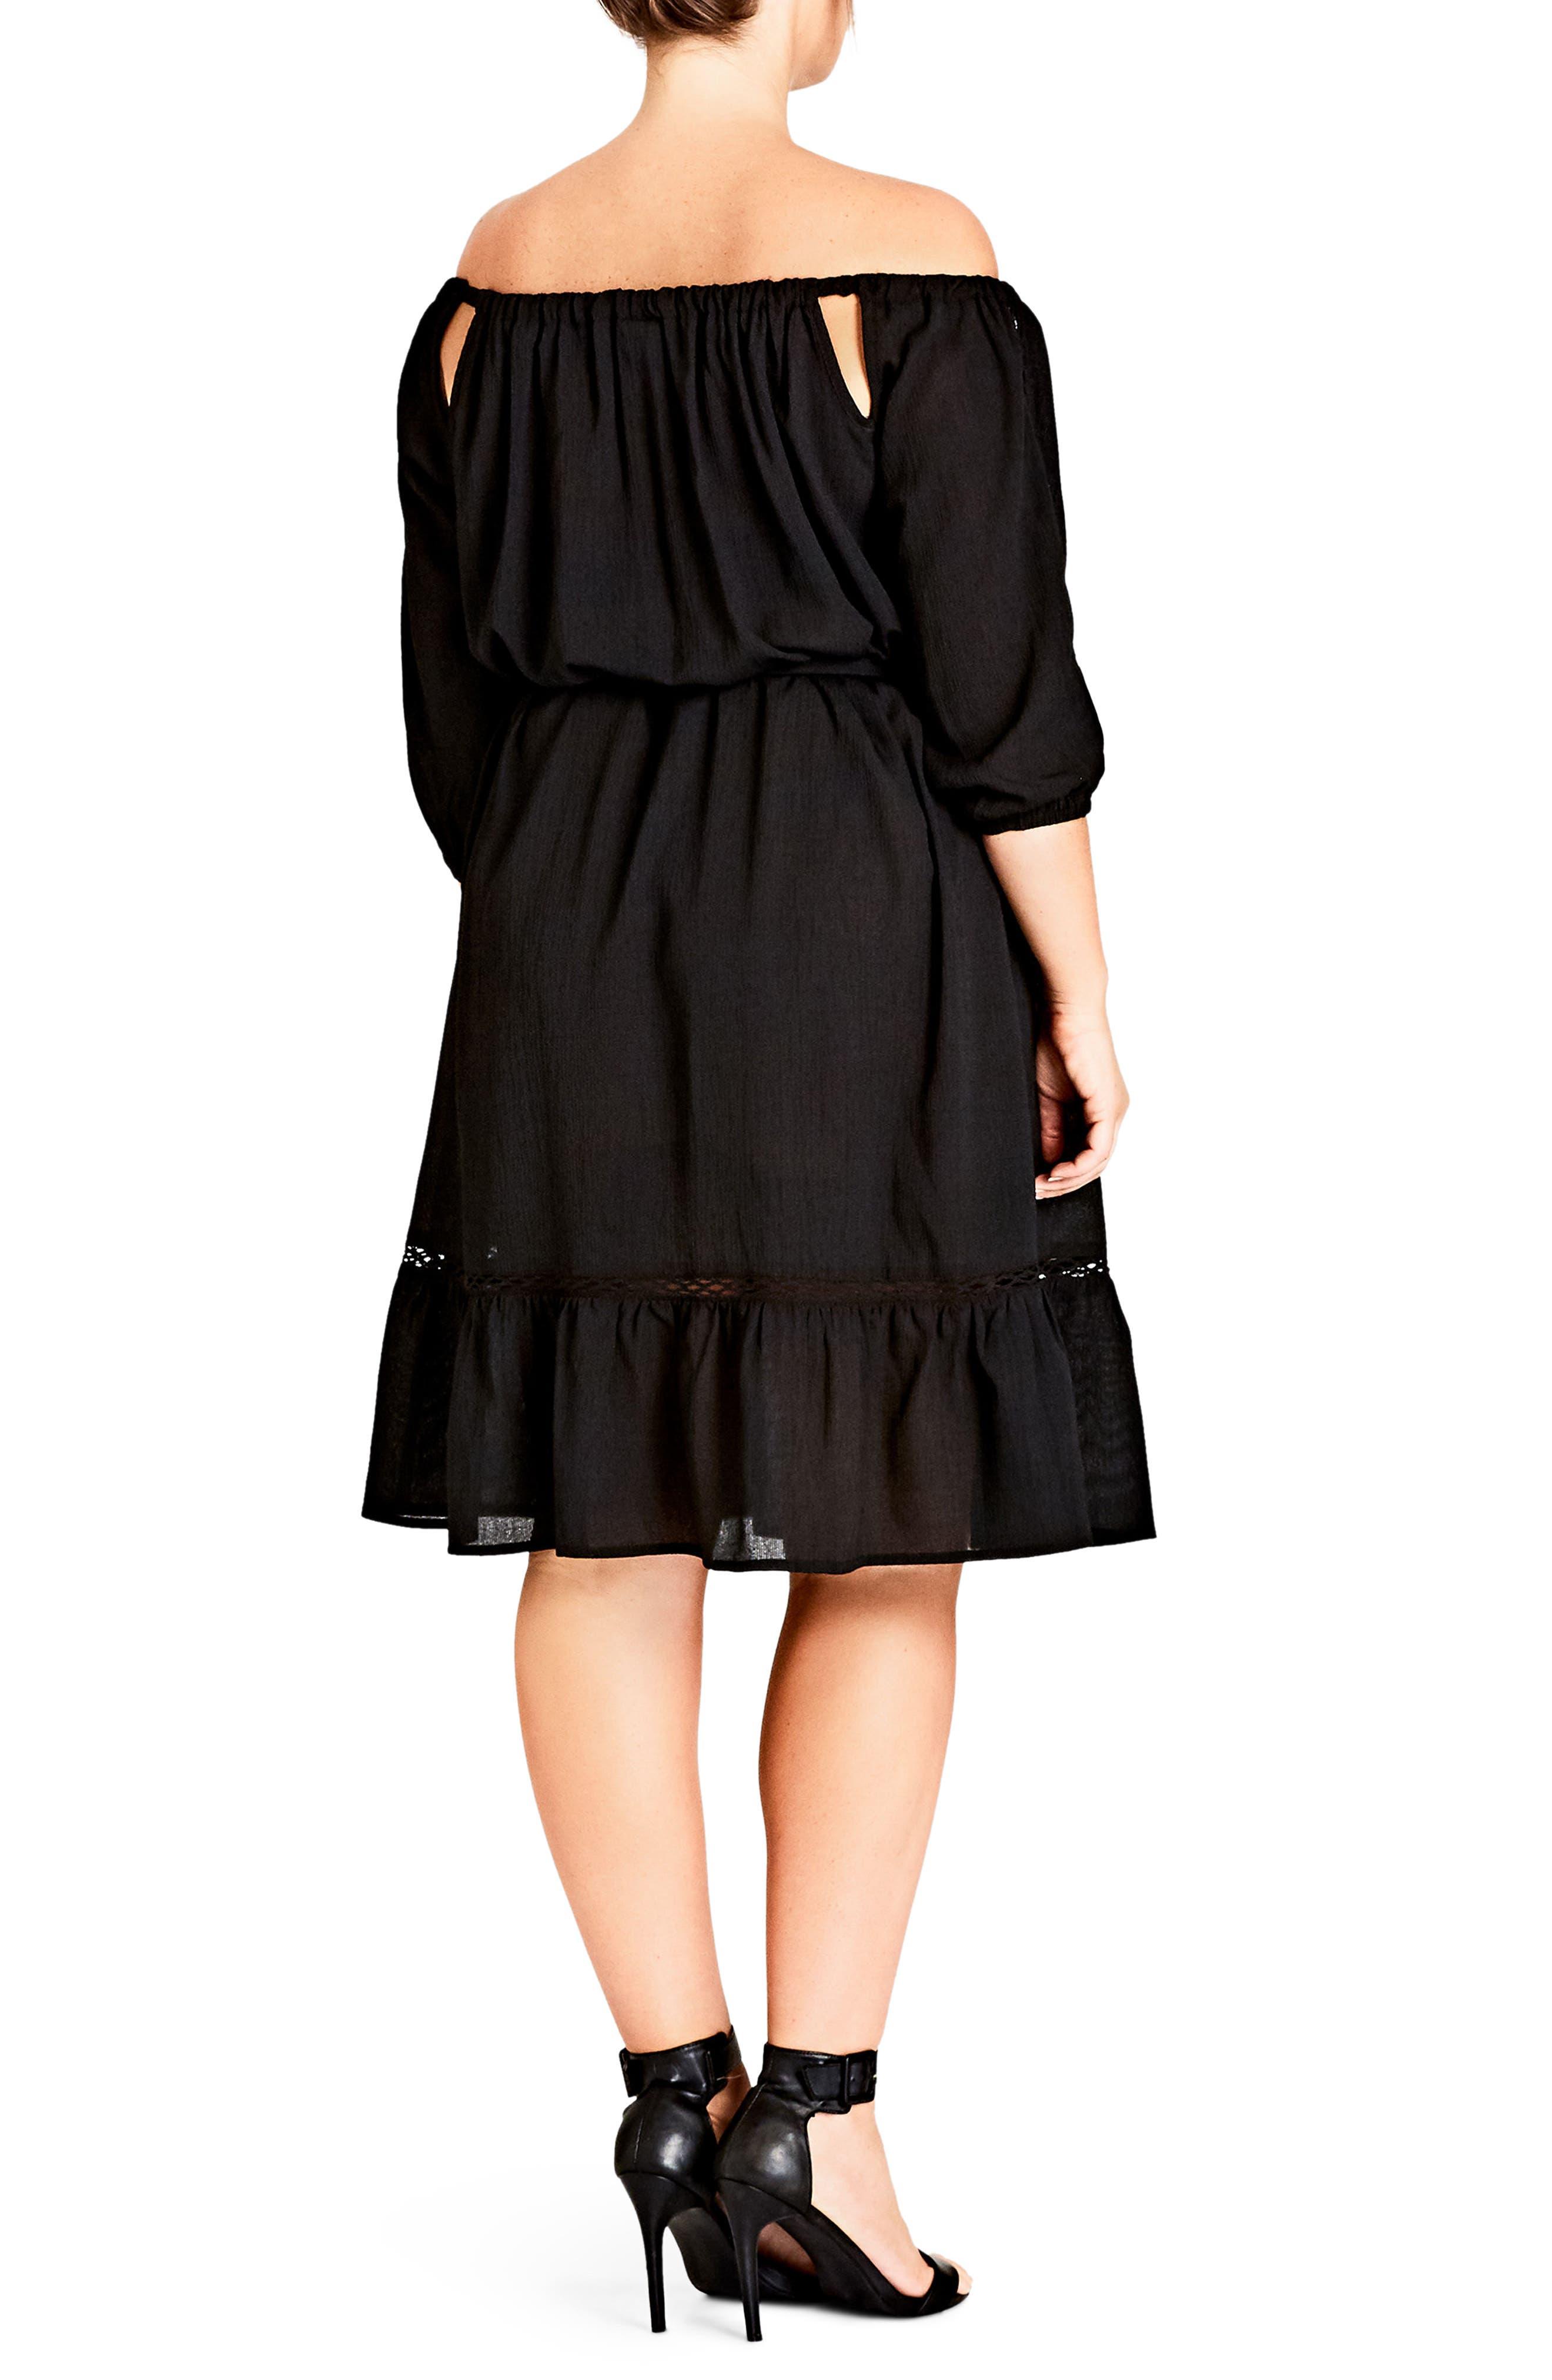 Darling Diva Off the Shoulder Dress,                             Alternate thumbnail 2, color,                             Black